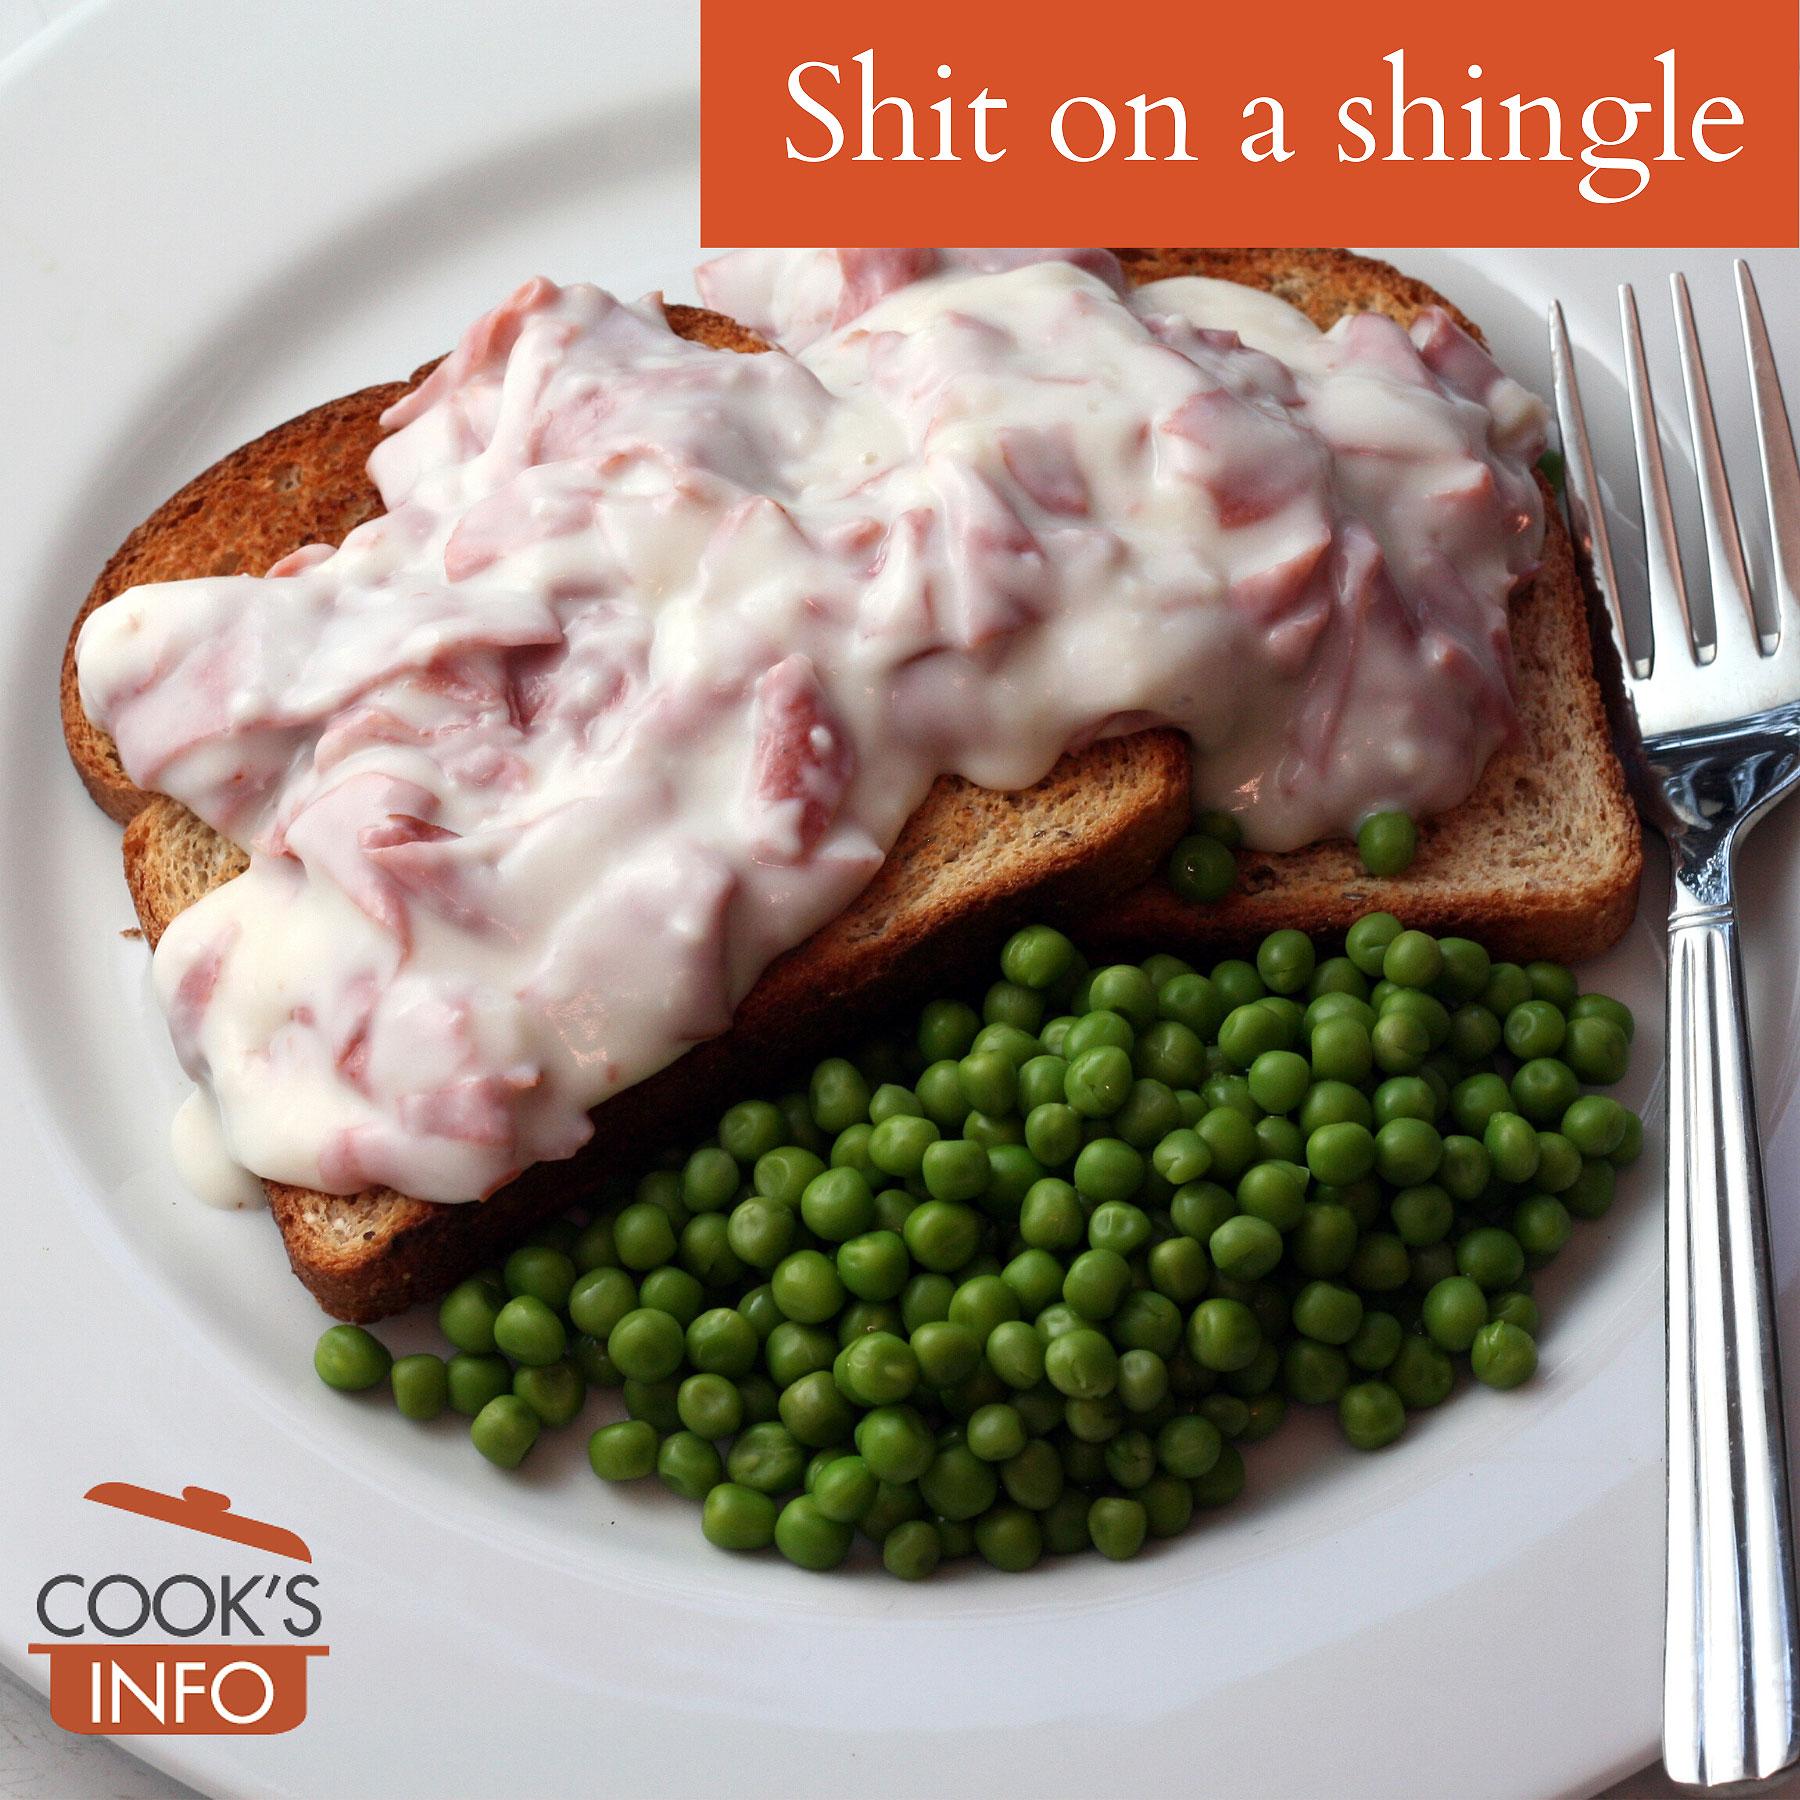 Shit on a shingle on a plate